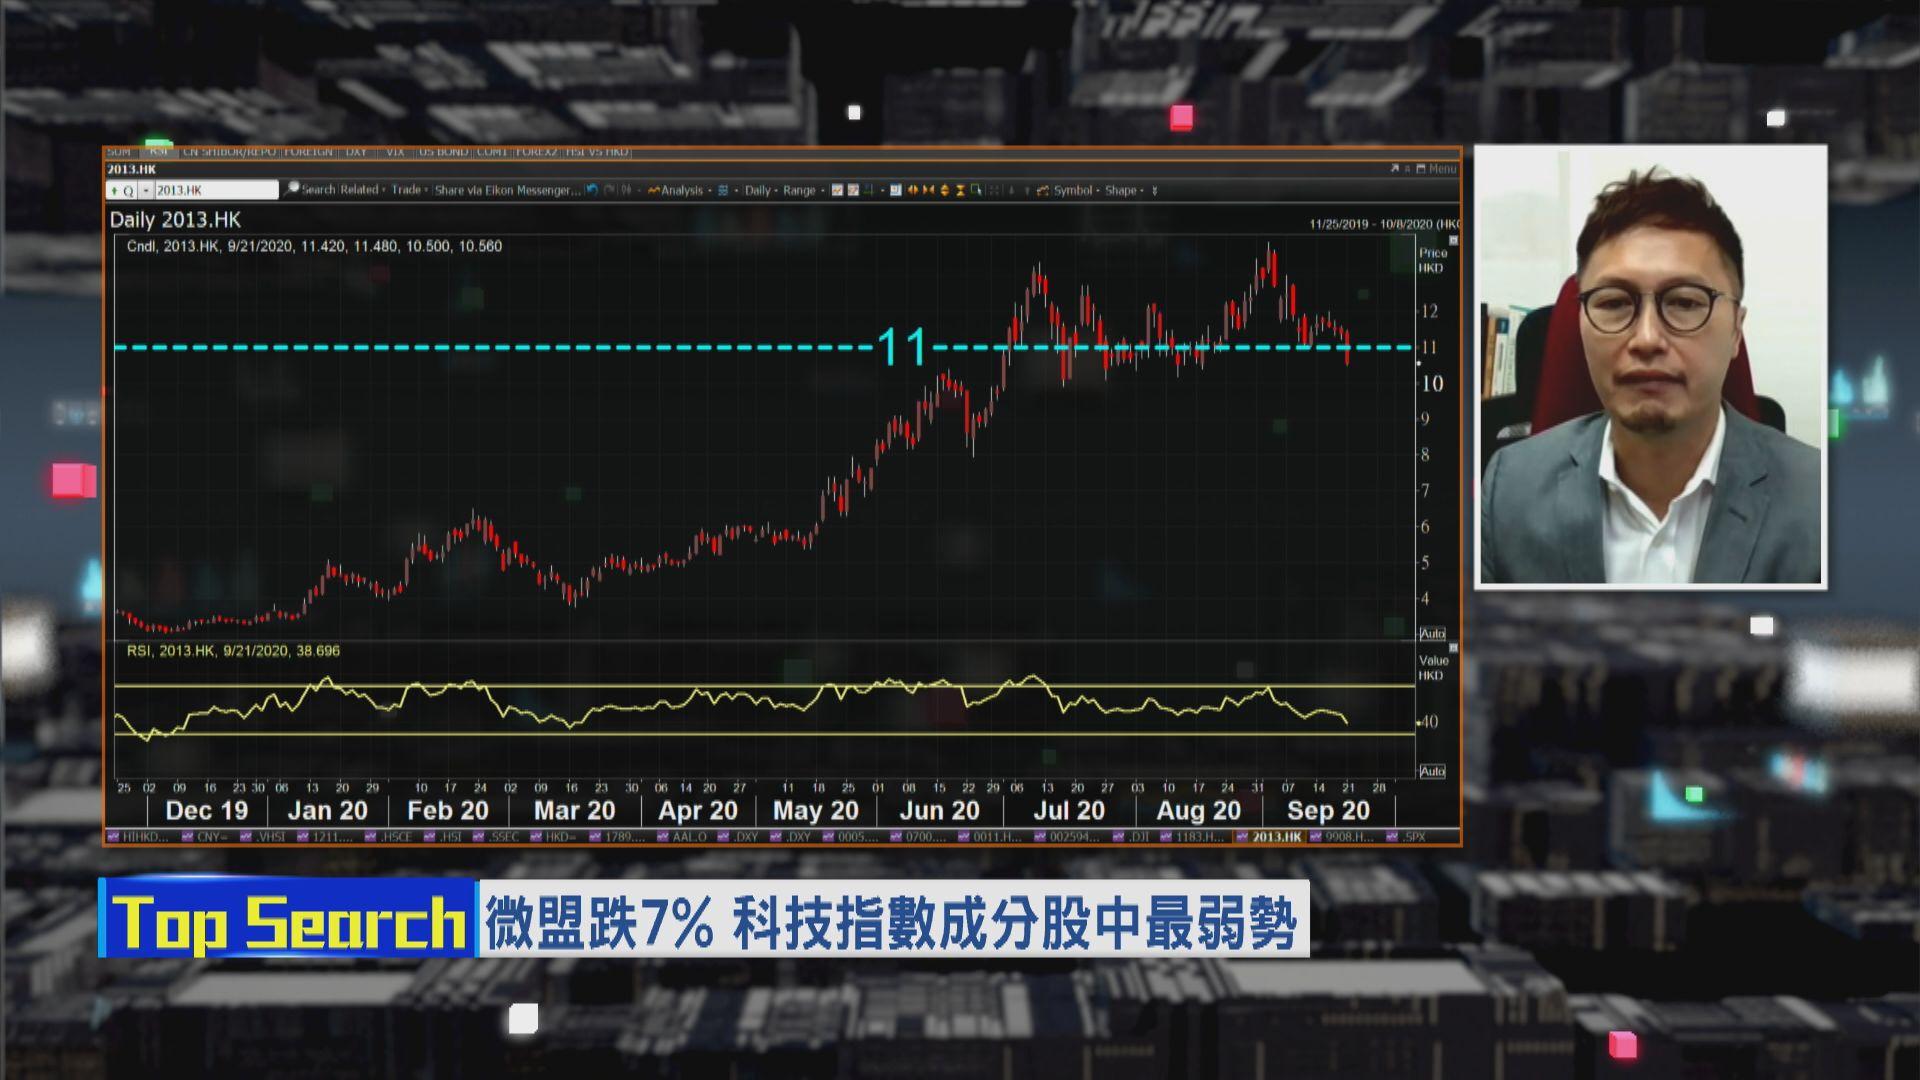 【財經TOP SEARCH】被創辦人增持淡倉 微盟股價受壓…